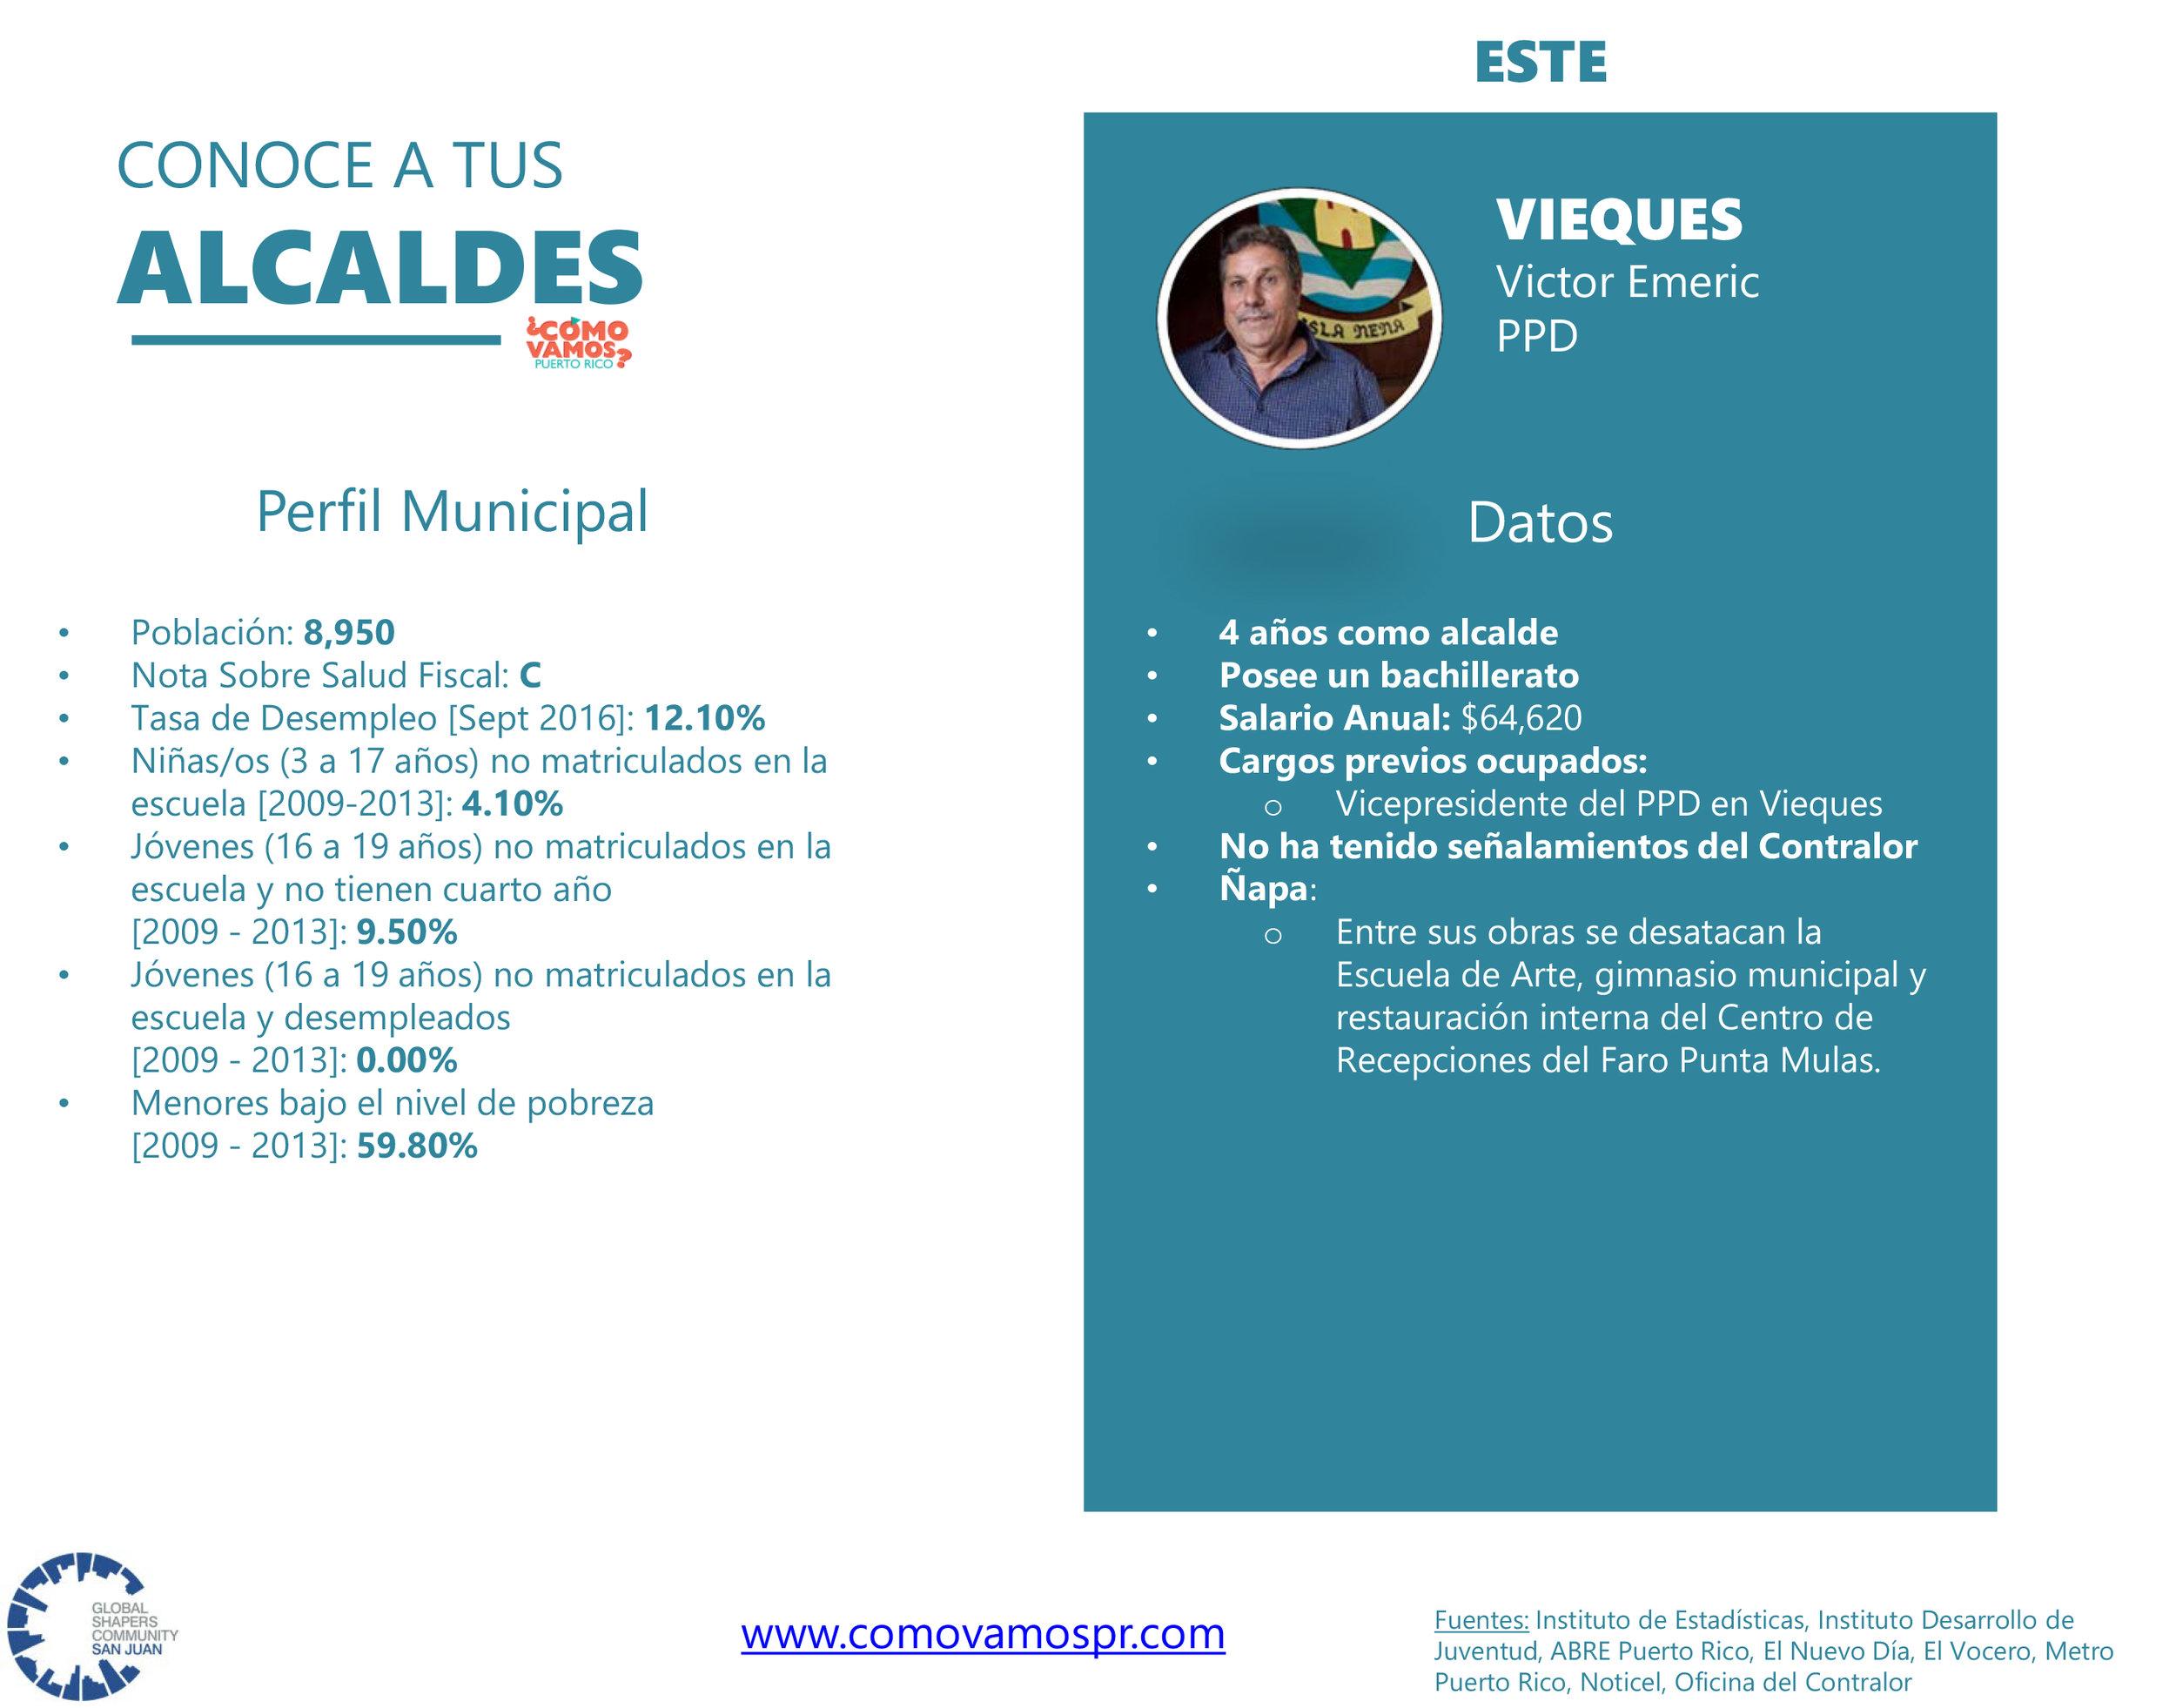 Alcaldes_Este_Vieques.jpg